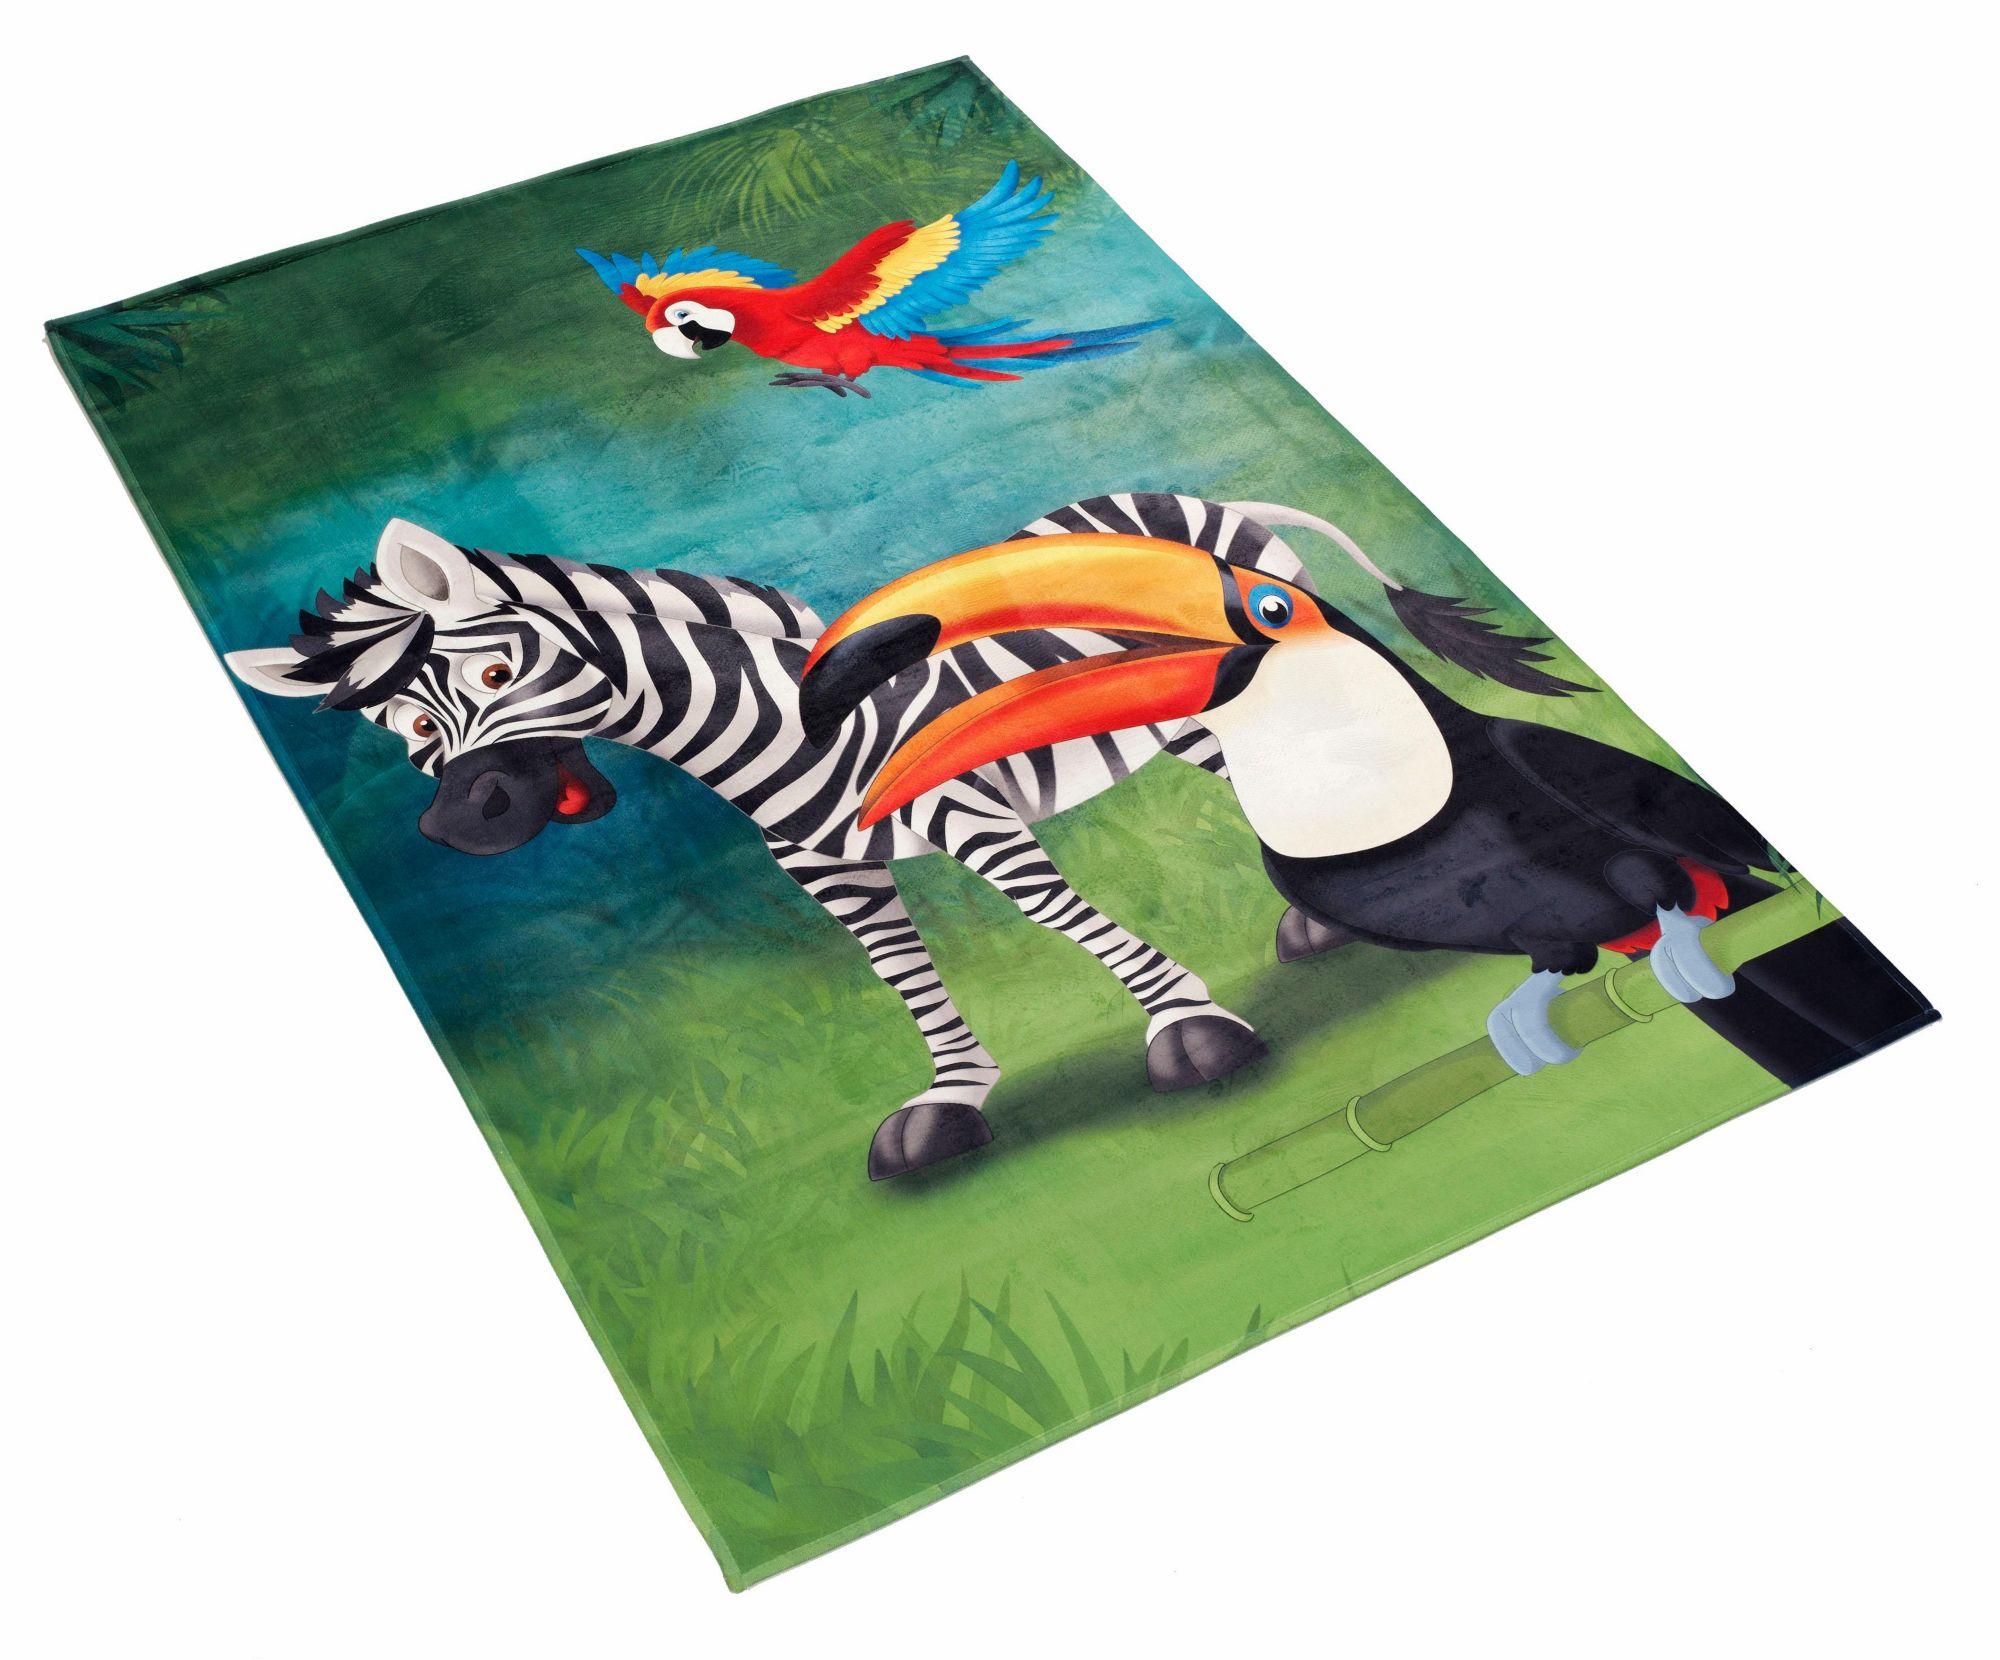 BÖING CARPET Kinderteppich, »Lovely Kids 402«, Böing Carpet, rechteckig, Höhe 6 mm, gedruckt